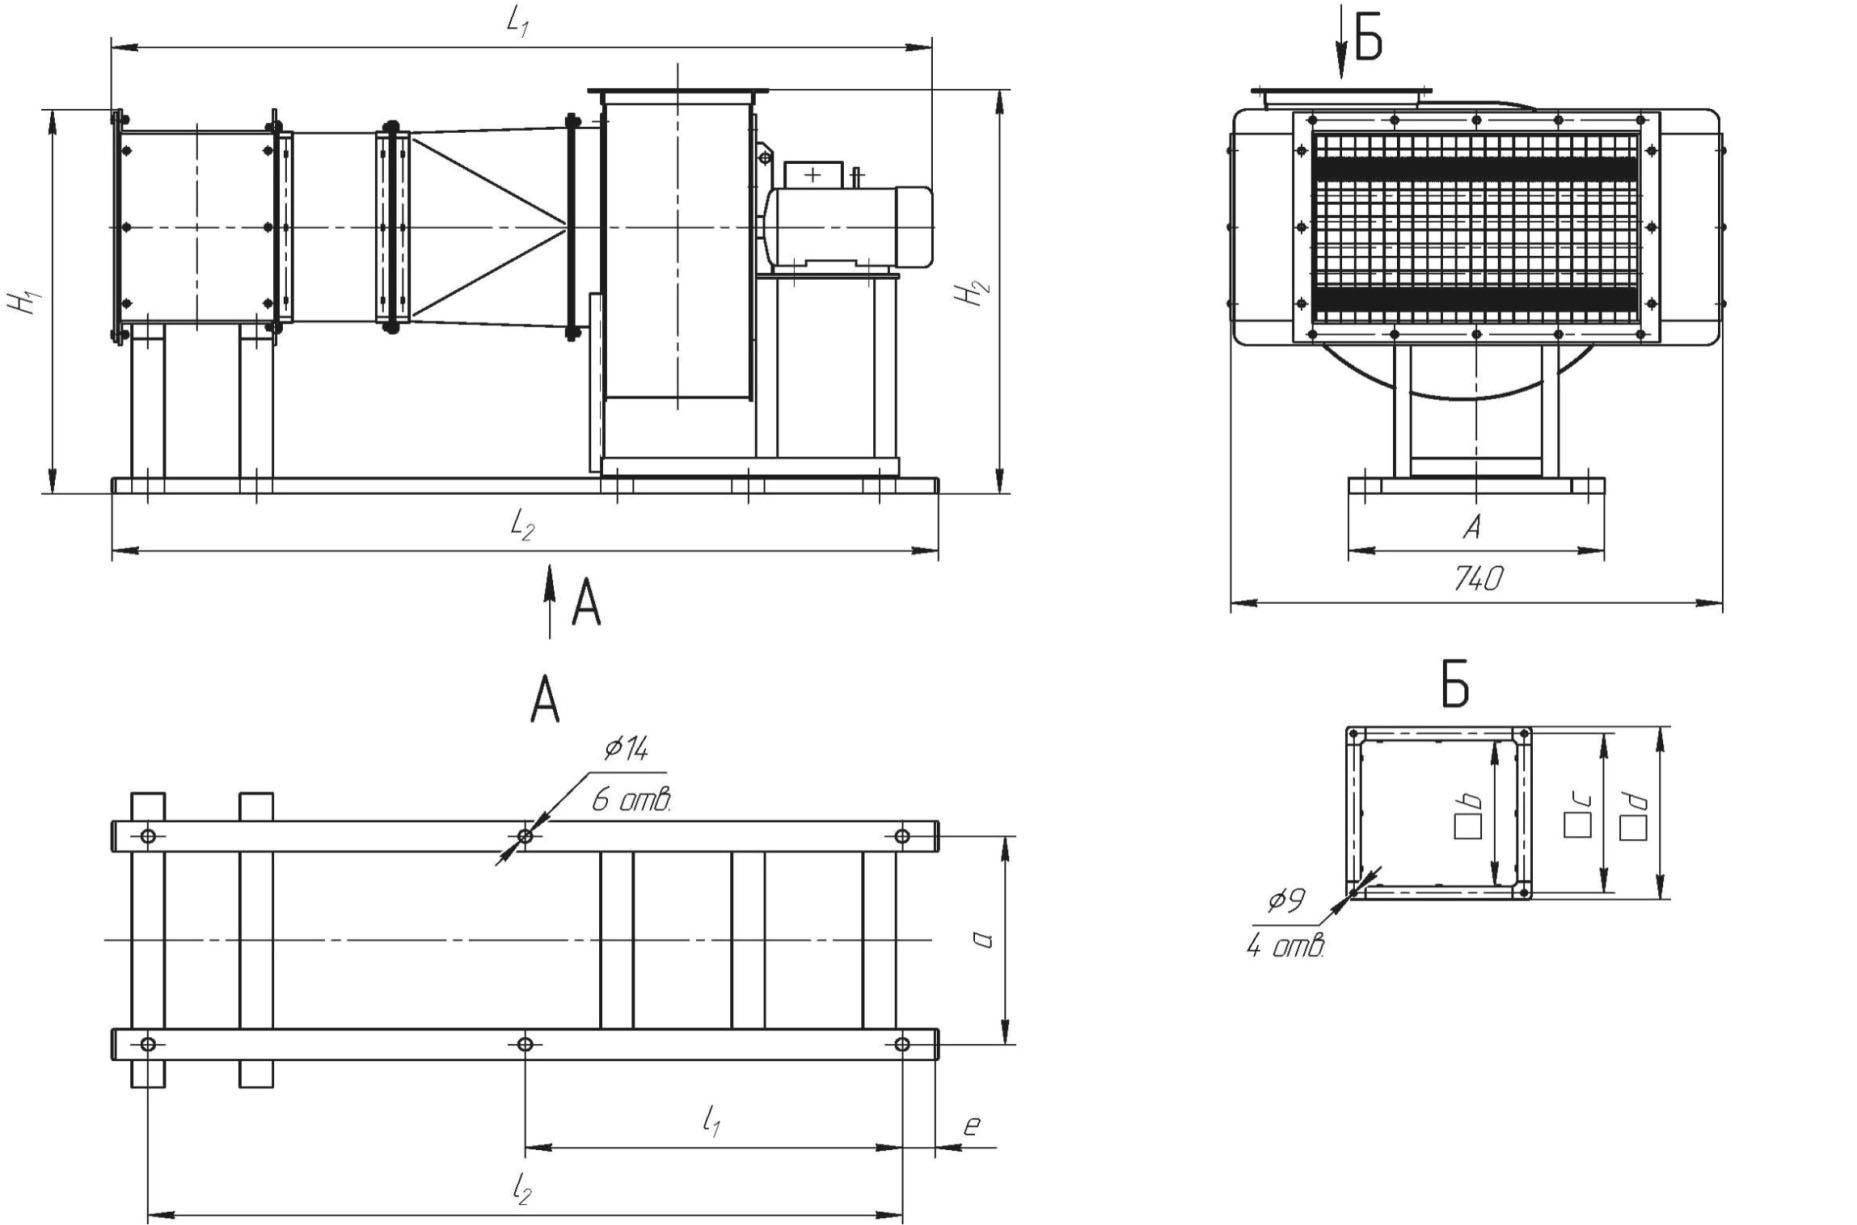 Габаритные размеры электрической воздухонагревательной установки УВНЭ-65-02